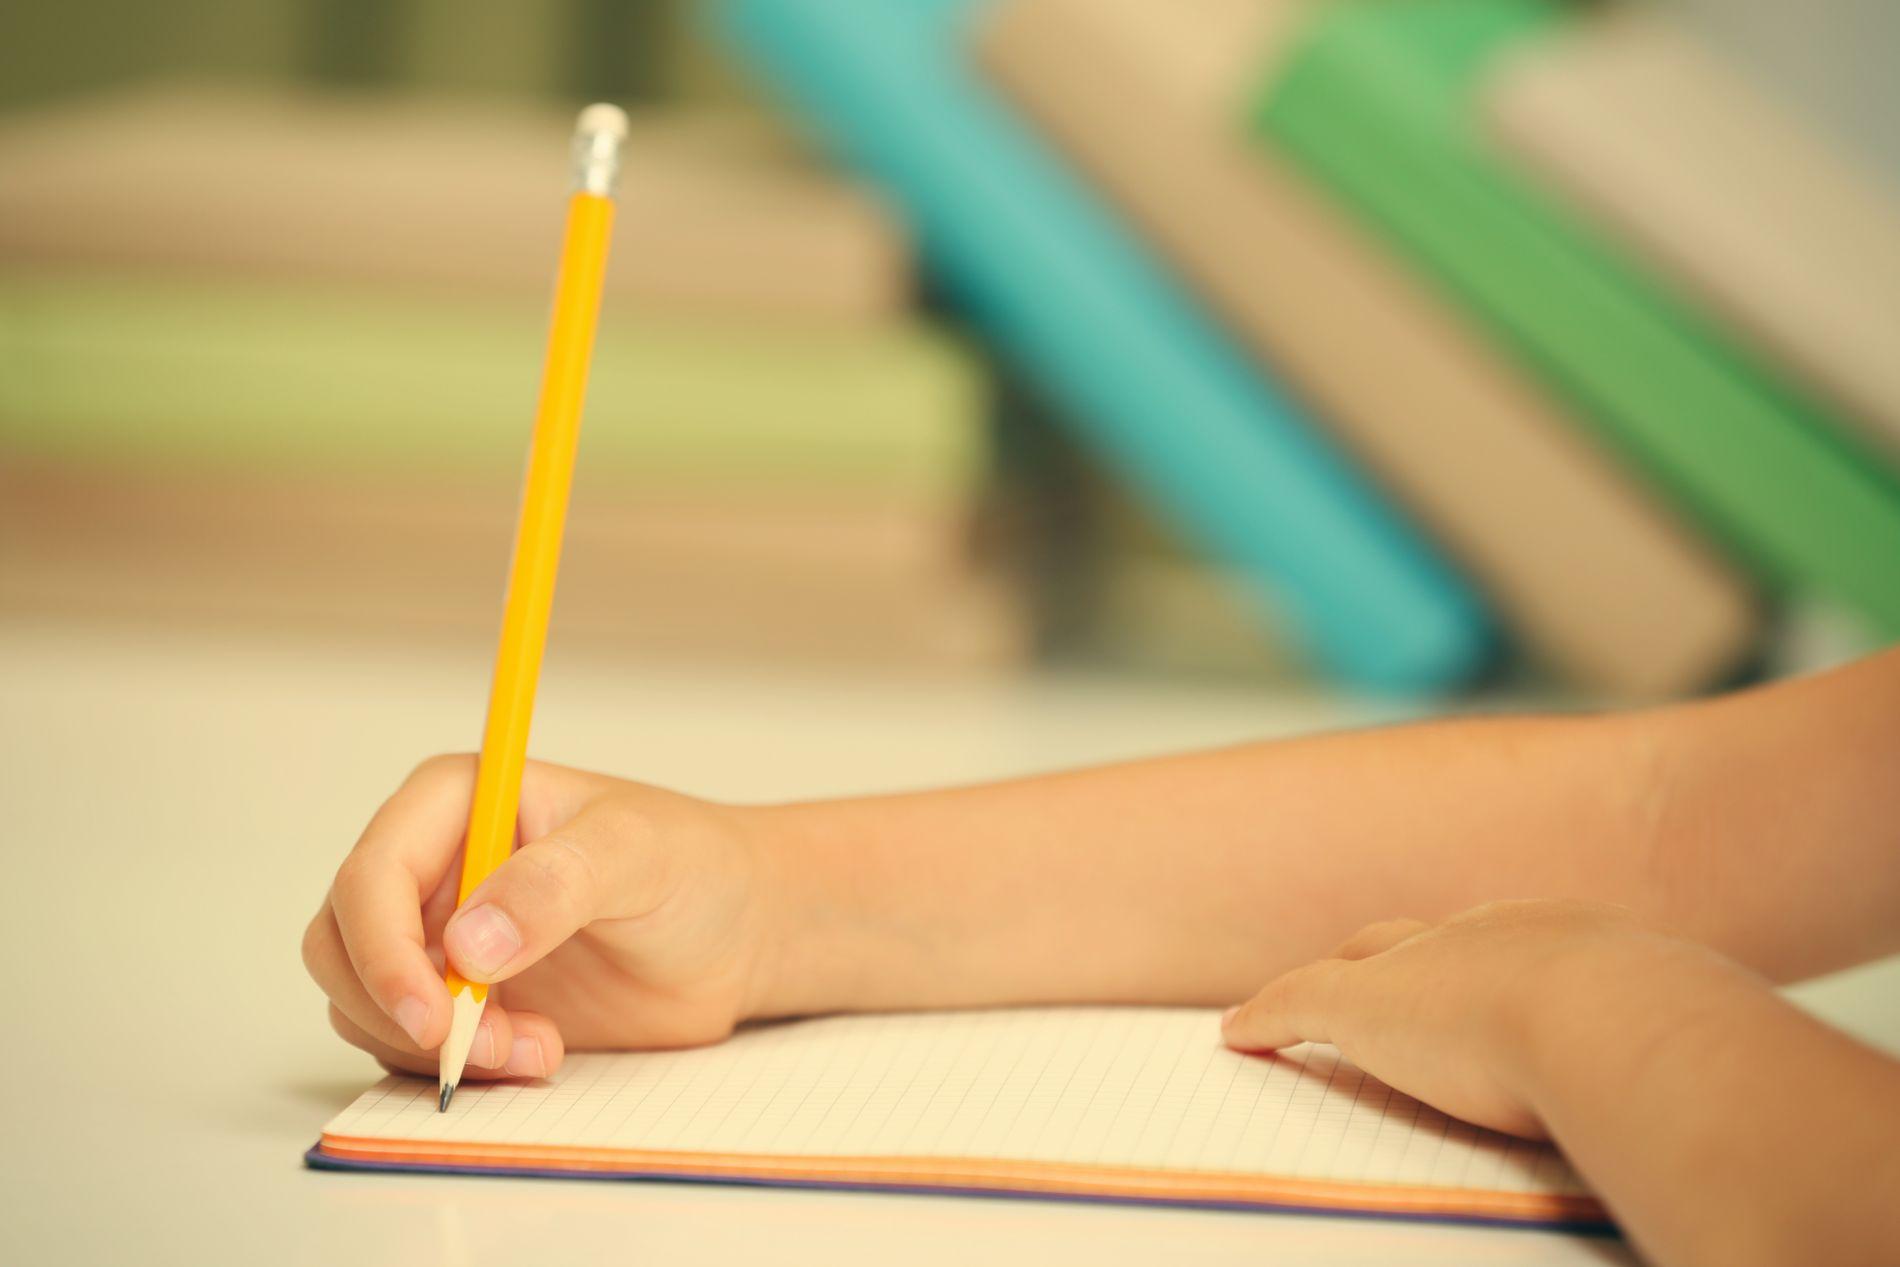 VALGFRIHET: Det bør bli lettere å utsette eller fremskynde skolestart for de barna som trenger det, skriver innsender.